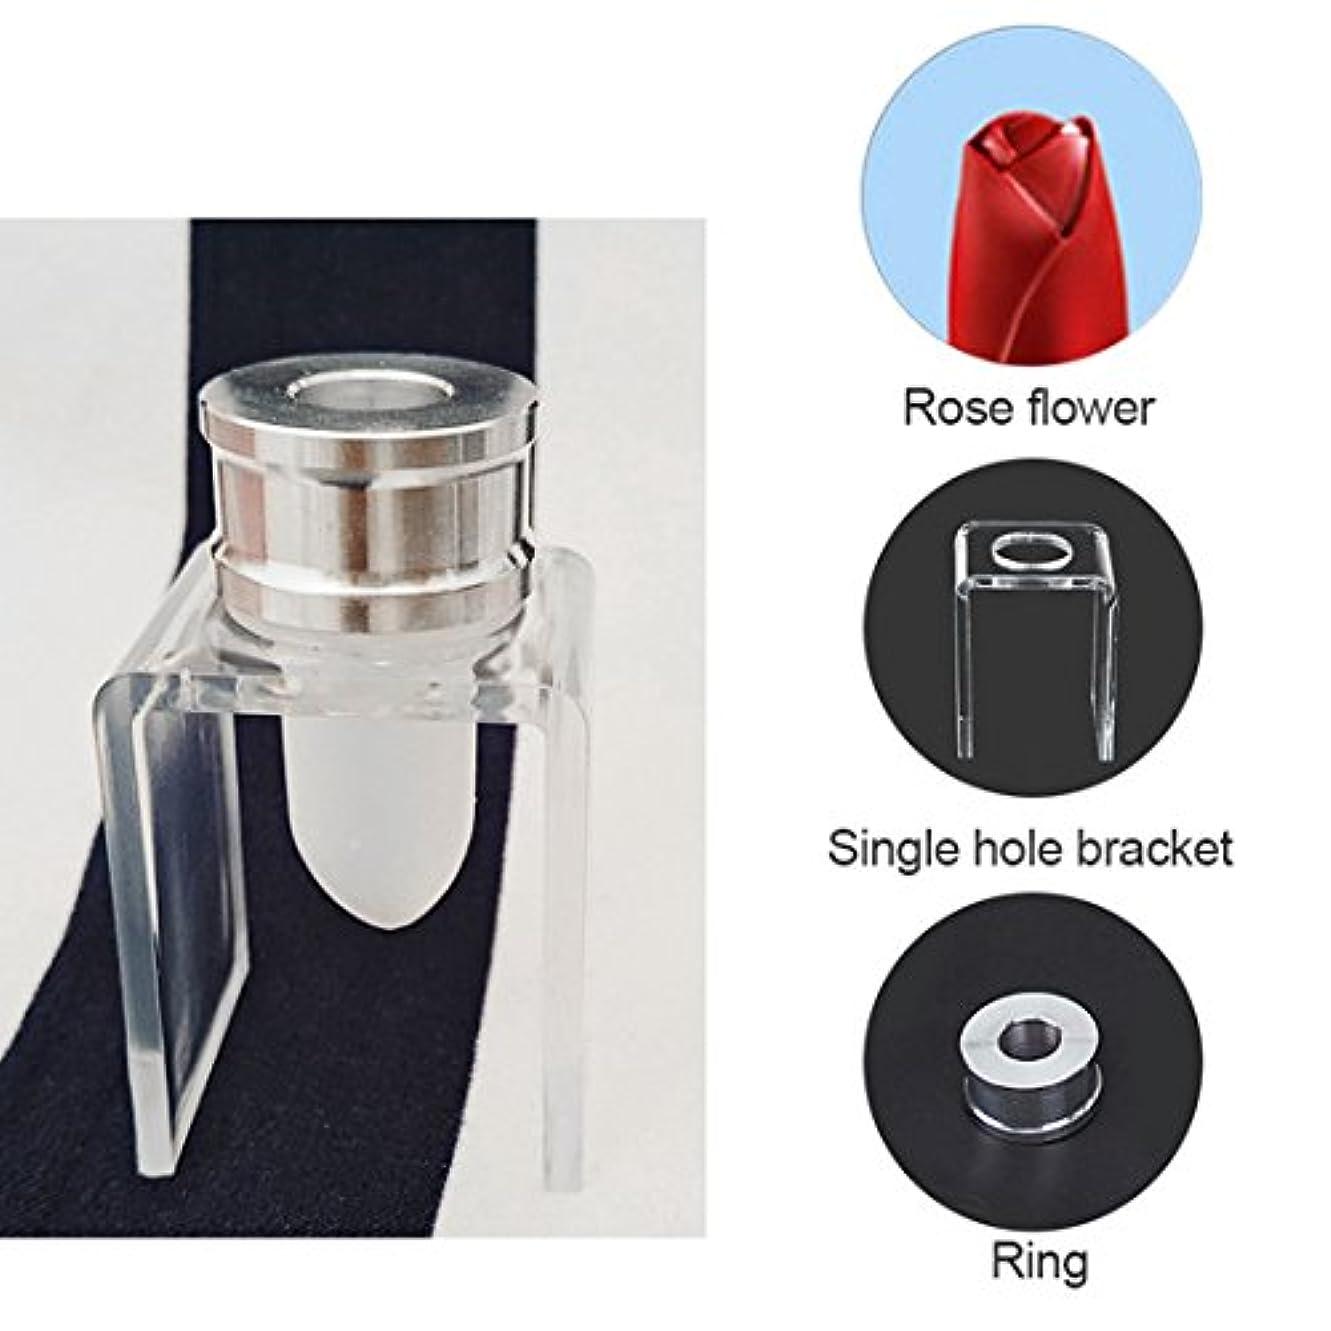 必要ないおかしいオーディションSODIAL 3セット DIY 12.1mm シンプルな口紅の充填チューブ シリコーン金型 アルミリング シングルホールブラケット 手作りの口紅ツール シンプルなセット バラ